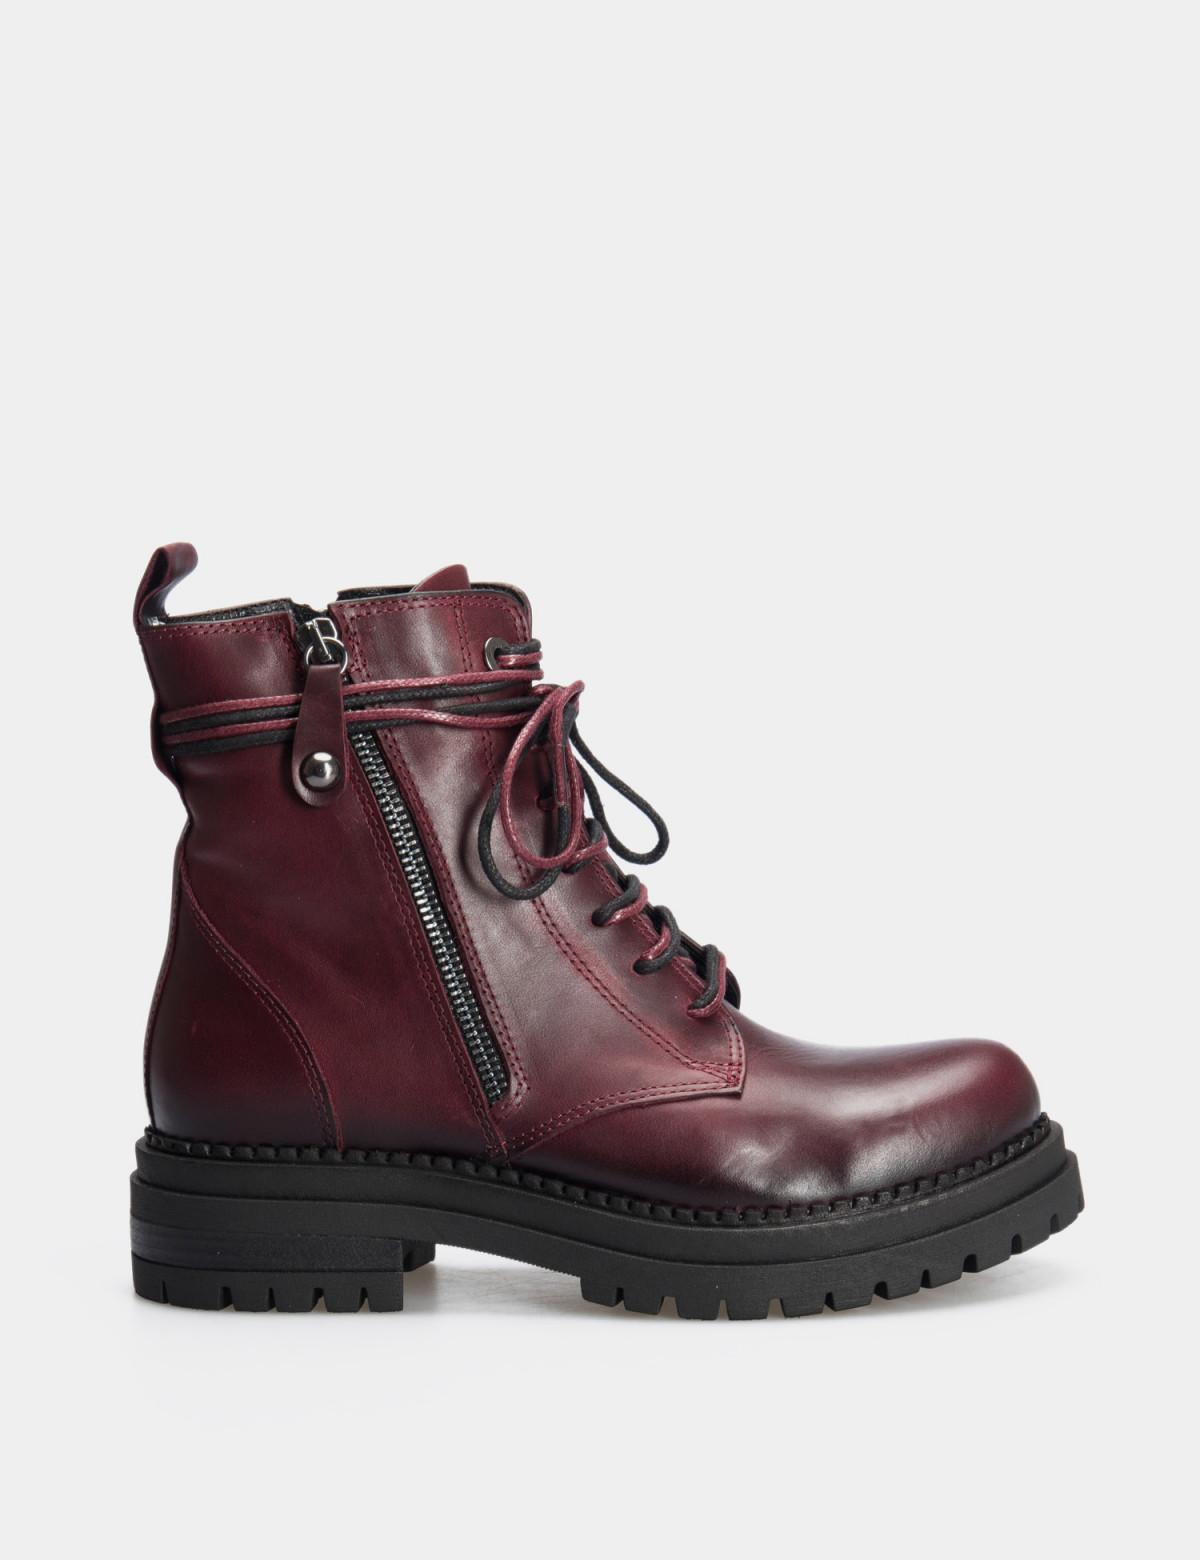 Ботинки бордовые. натуральная кожа.